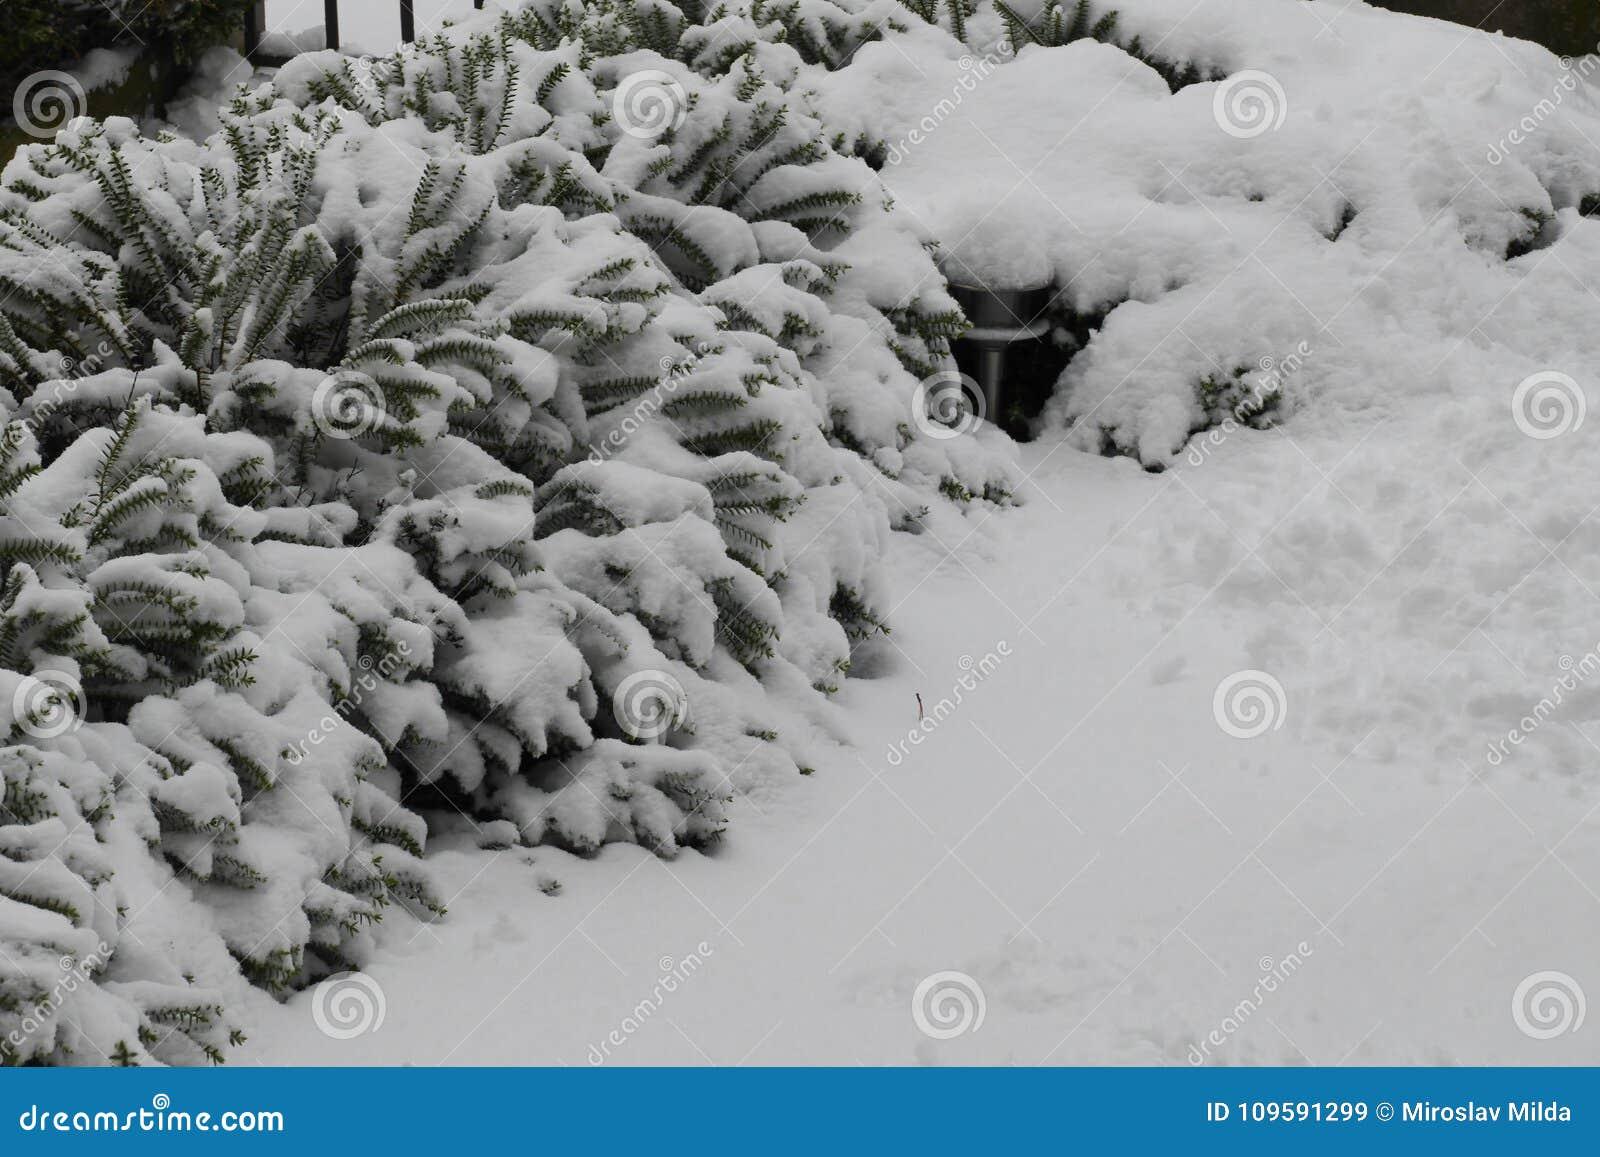 Buske under lott av snö